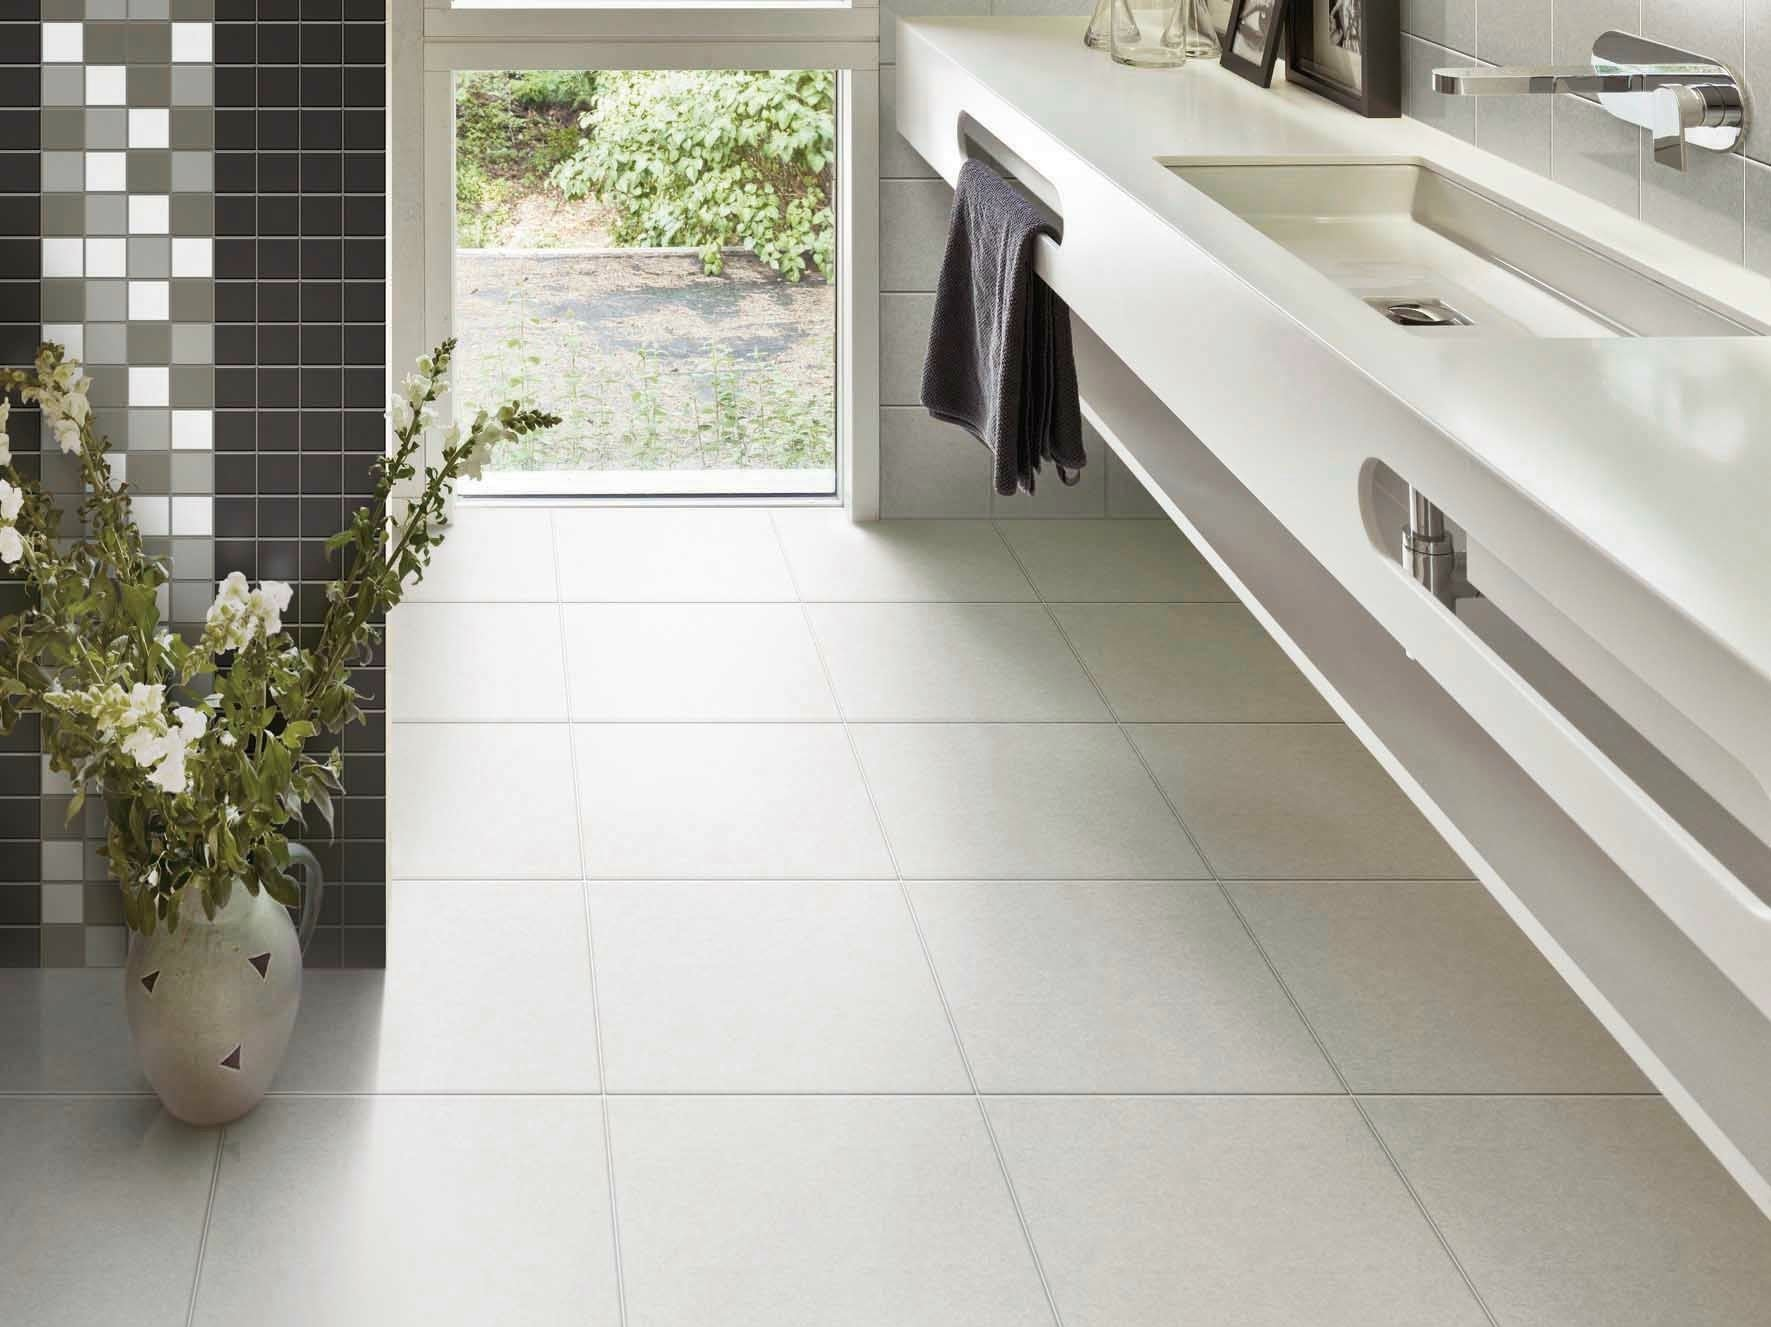 Revestimiento de pared suelo de gres porcel nico esmaltado - Suelo de ceramica ...